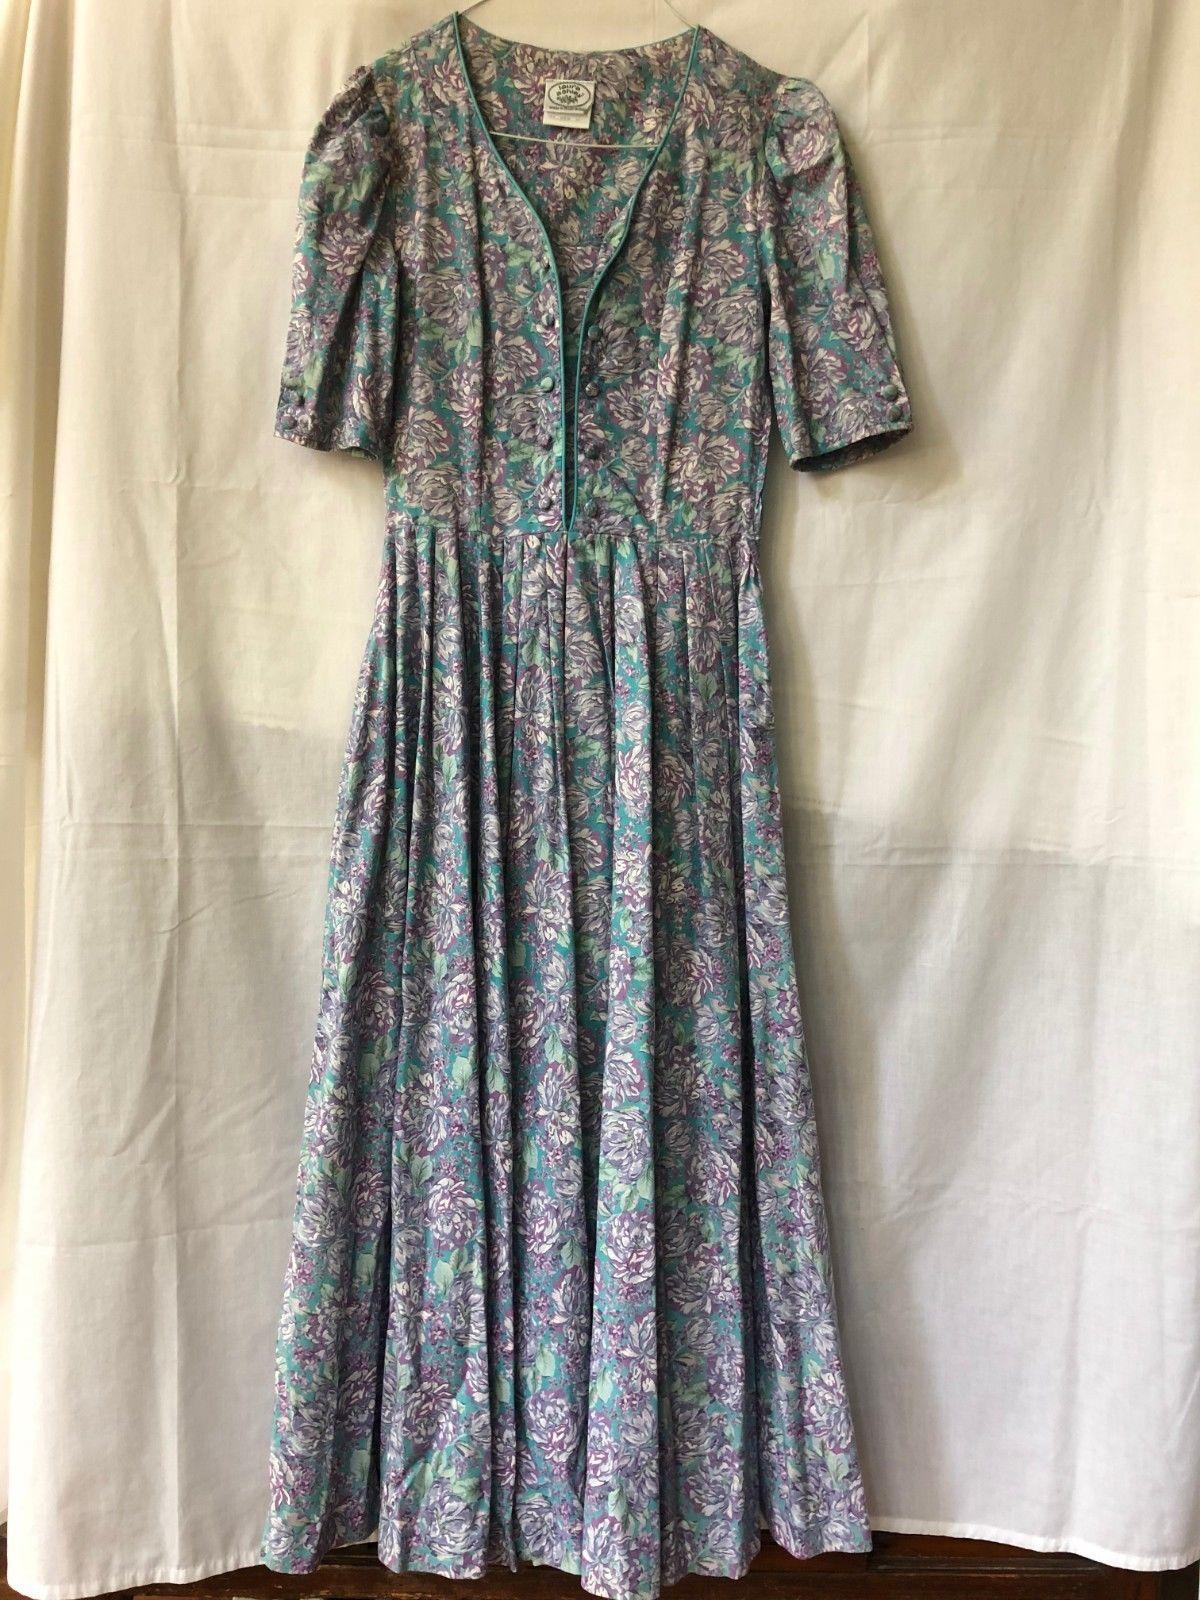 9932f7435d6 Cool Vintage Laura Ashley Cotton Floral Tea Dress USA 6 2018 2019 ...